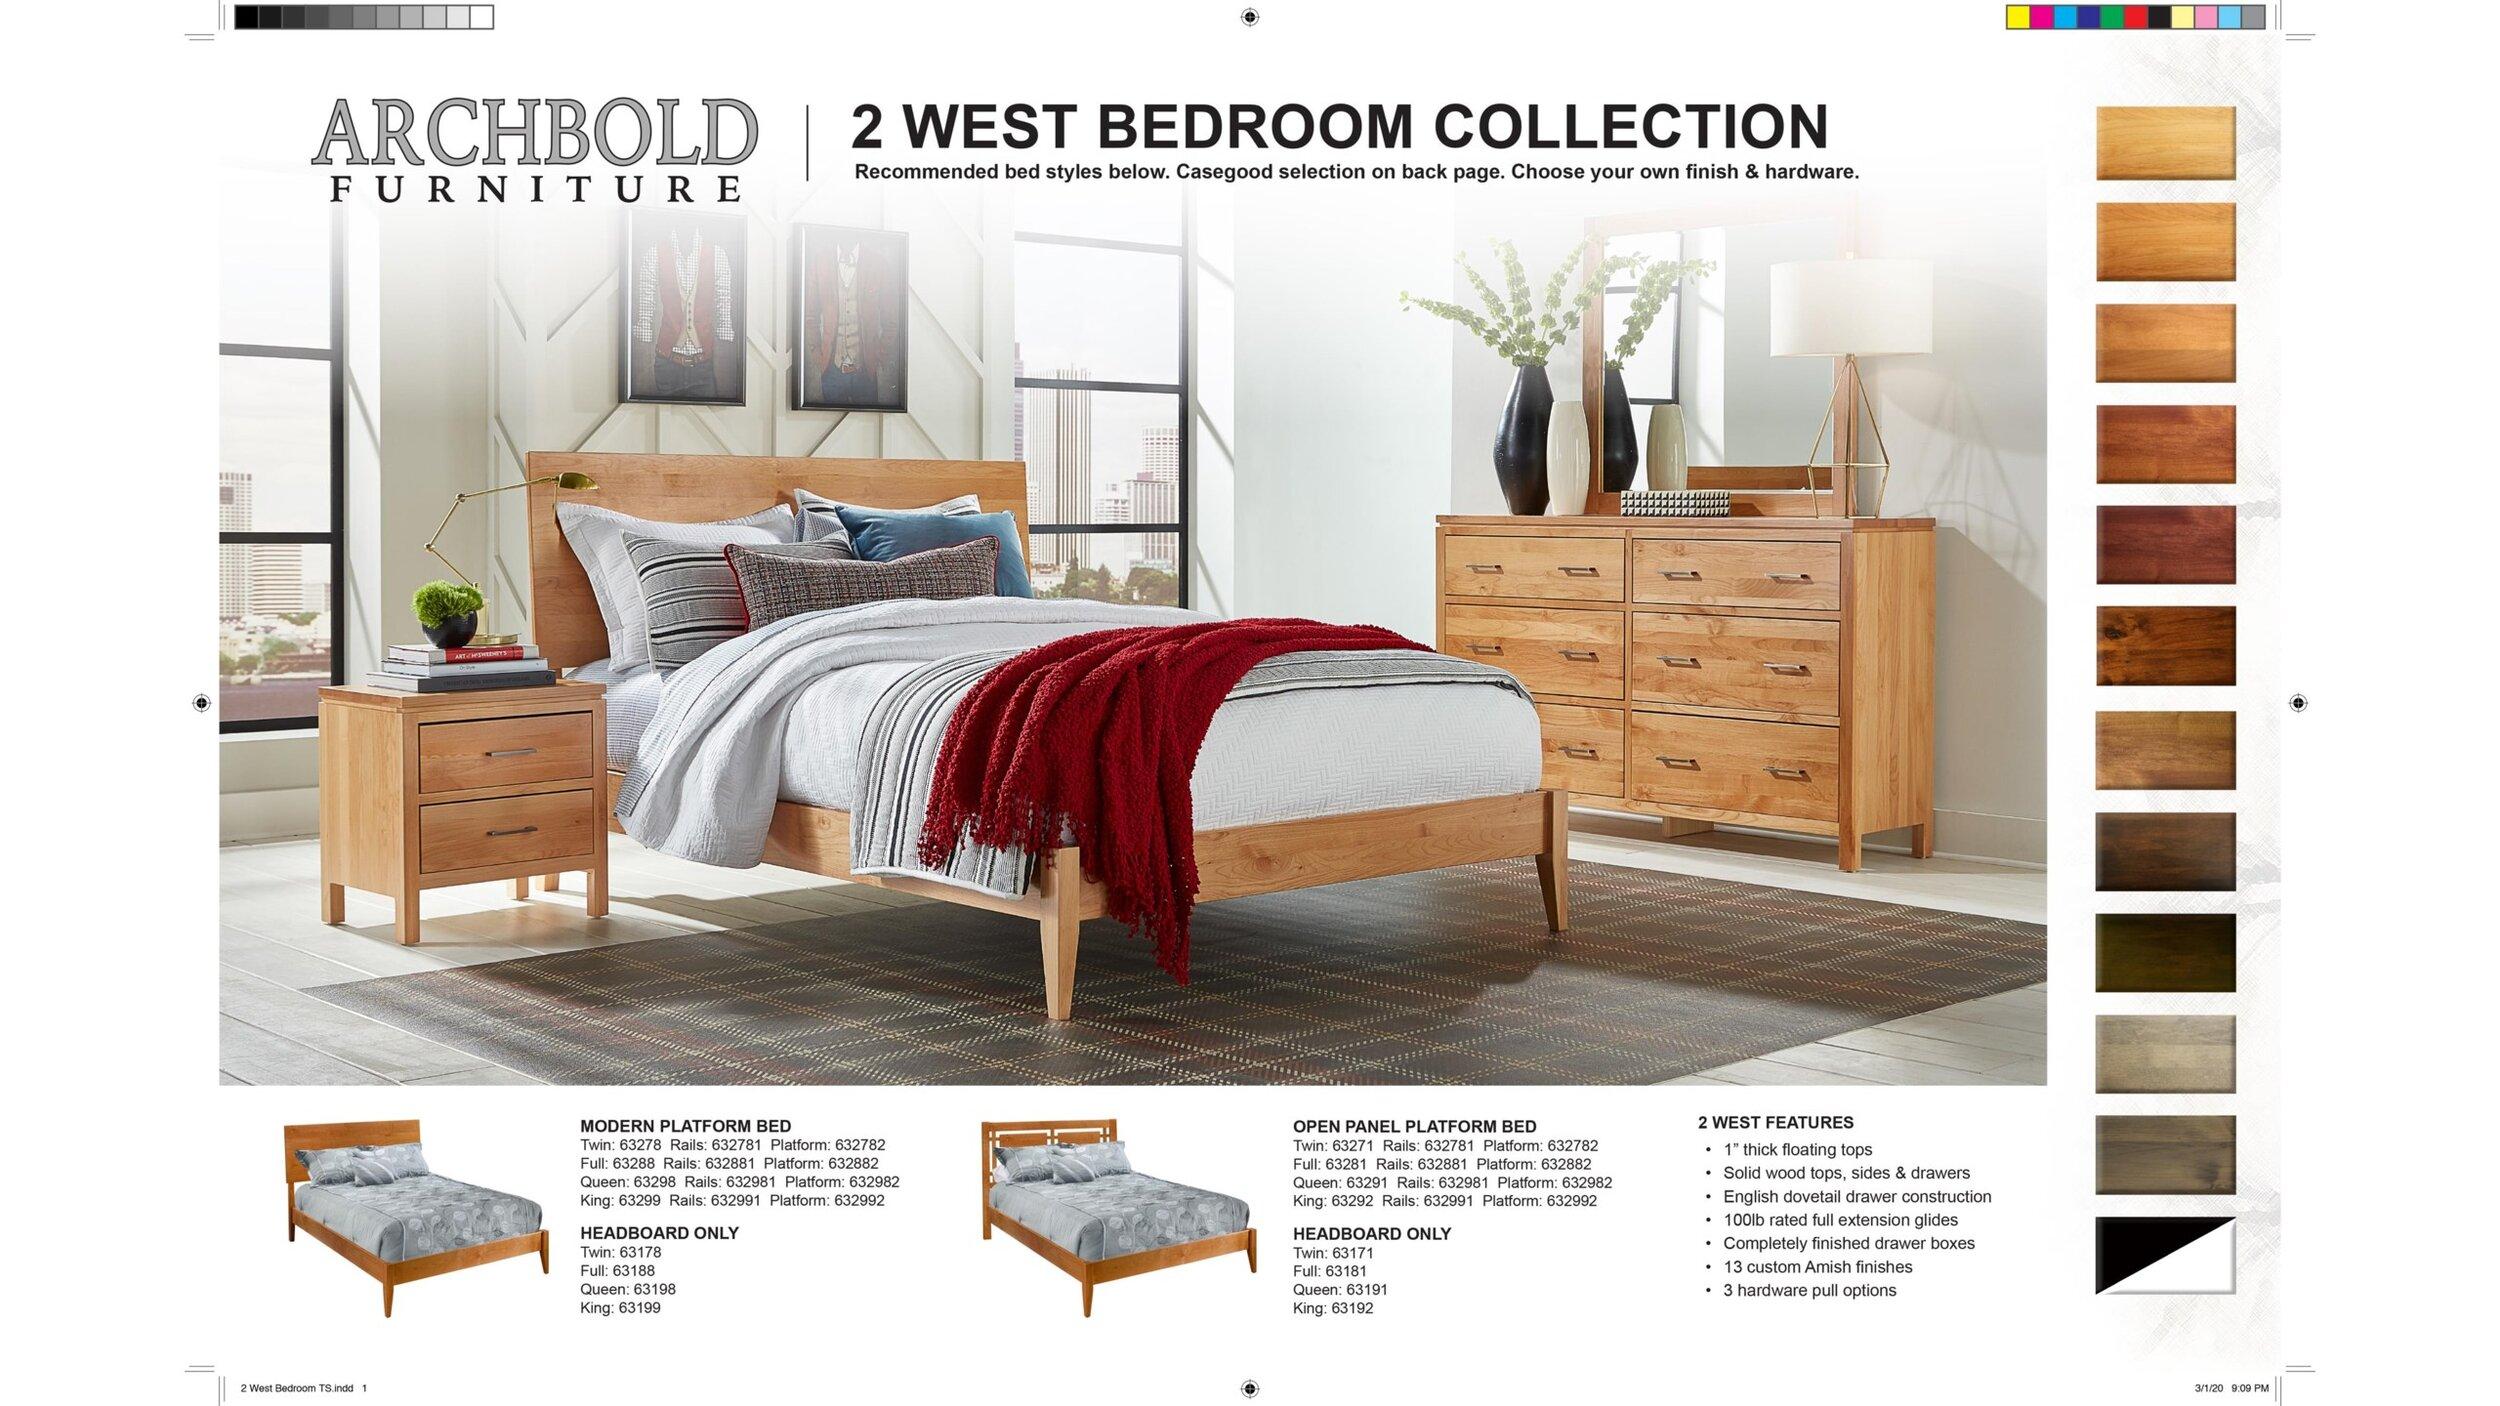 Custom Bedroom Furniture Belfort Buzz Furniture And Design Tips